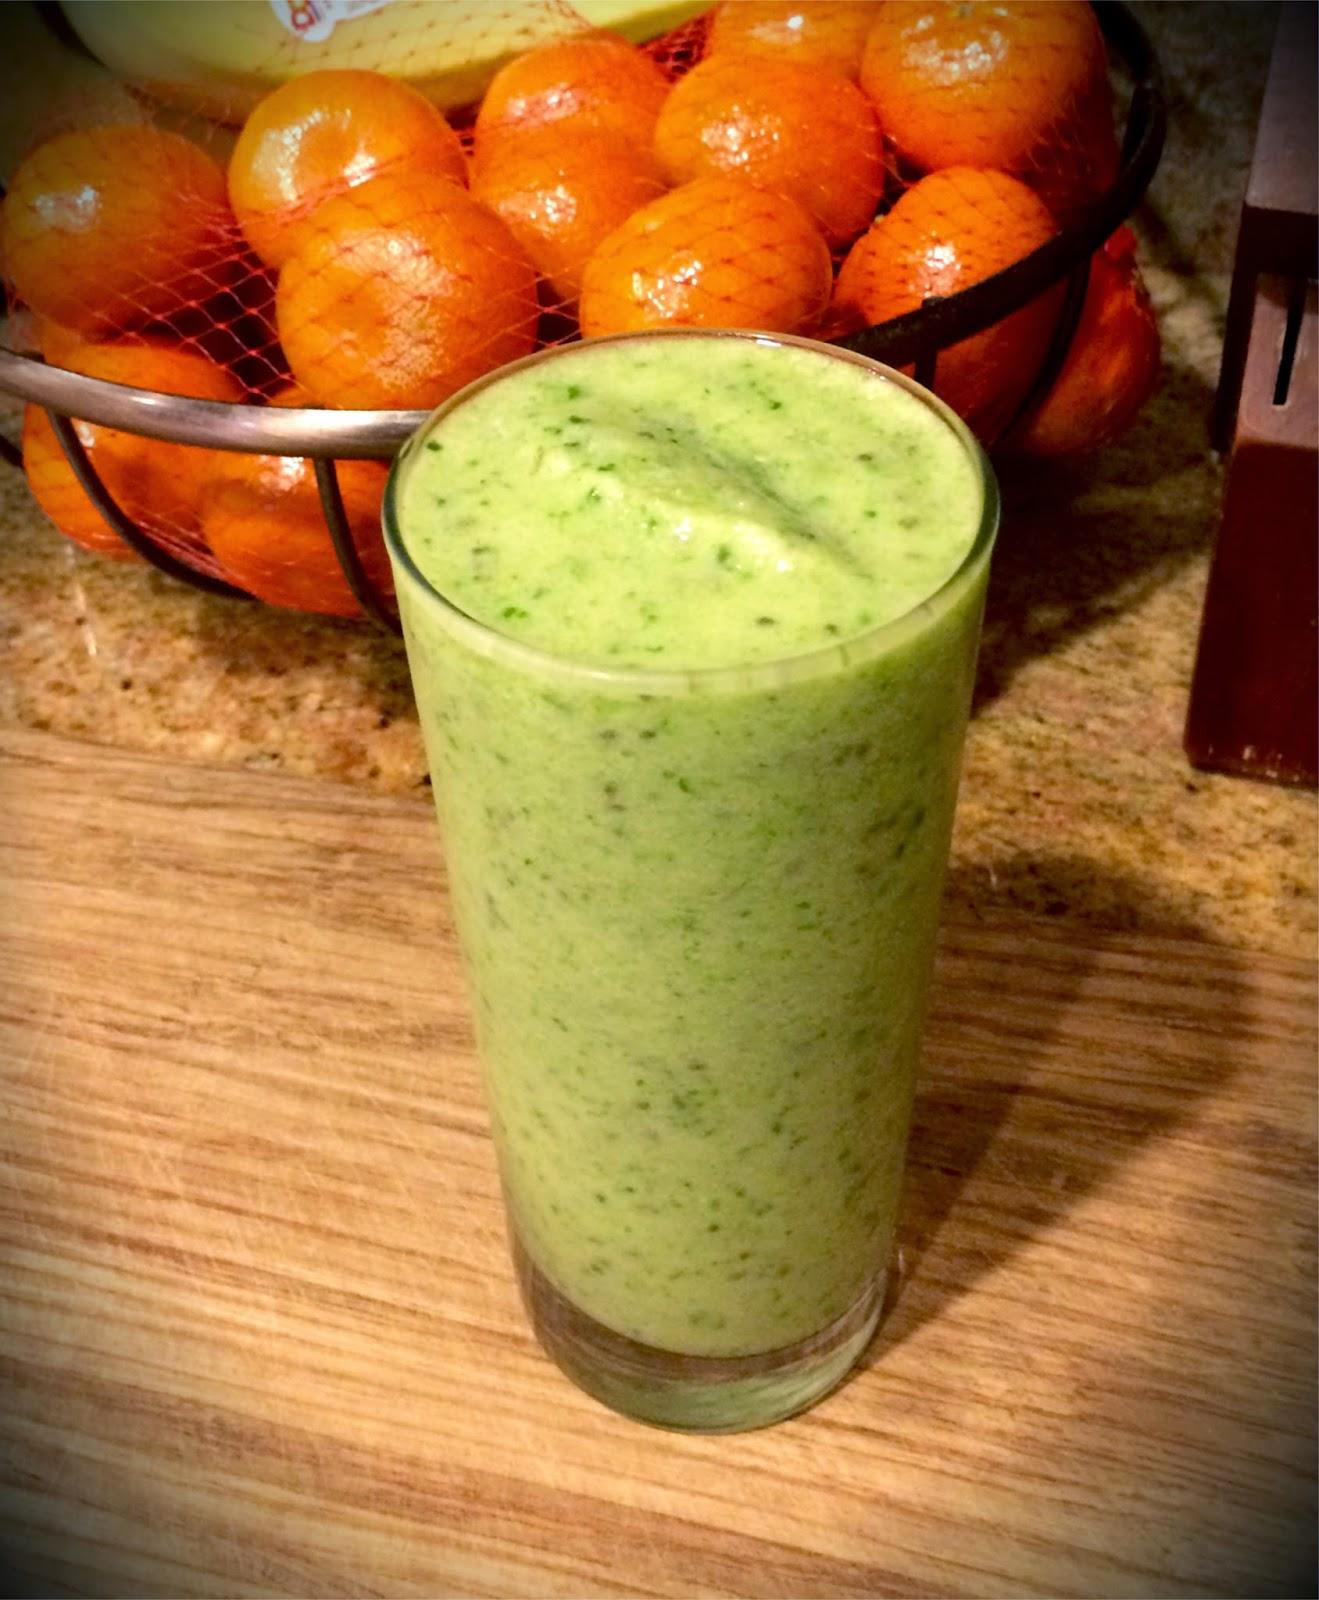 Green Power Breakfast Smoothie